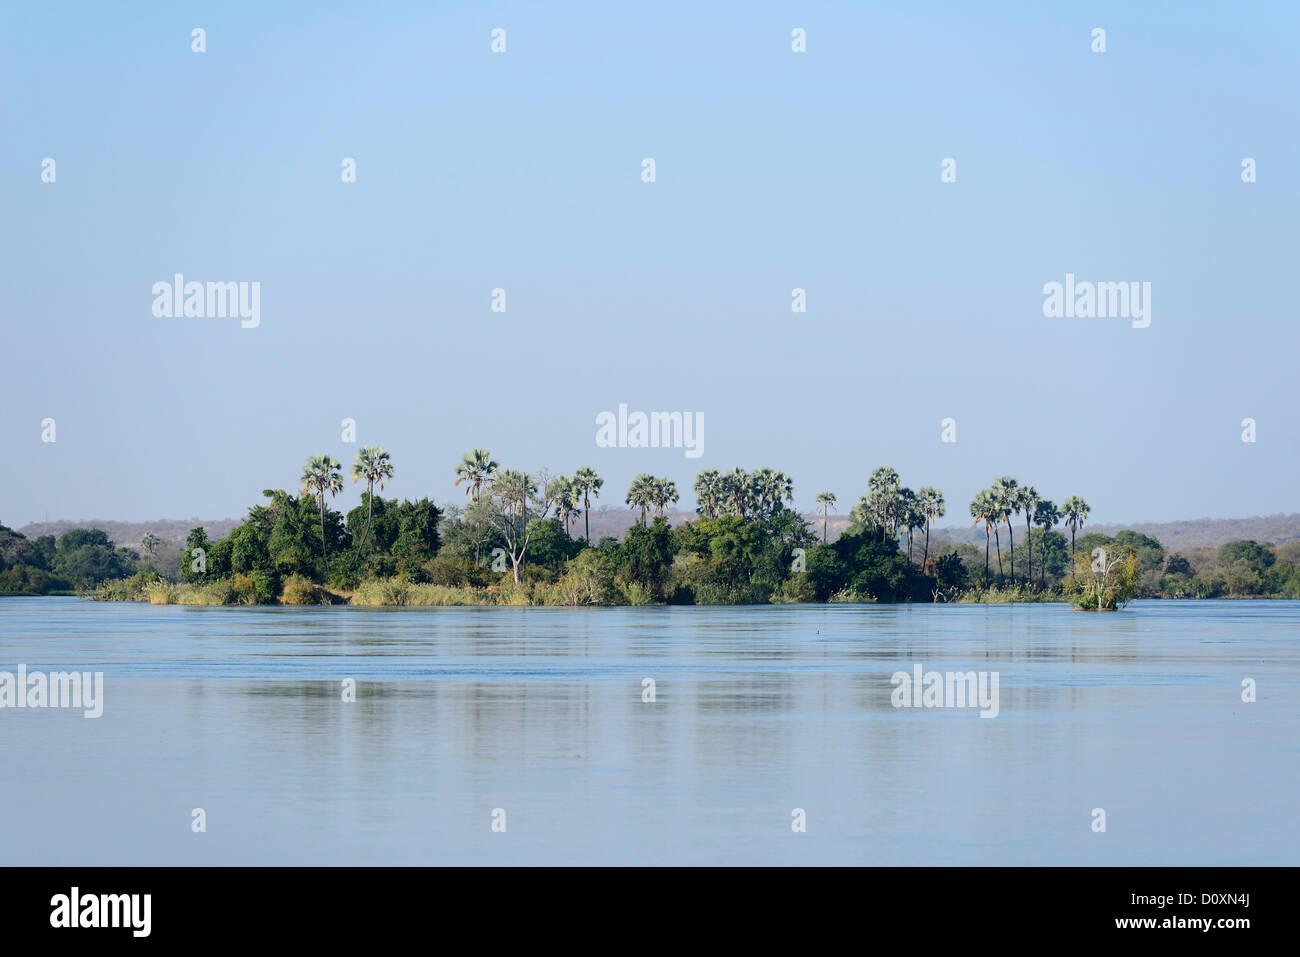 L'Afrique, le Sud, le Zimbabwe, Zambèze, fleuve, île, large, palm, arbre, étendue Photo Stock